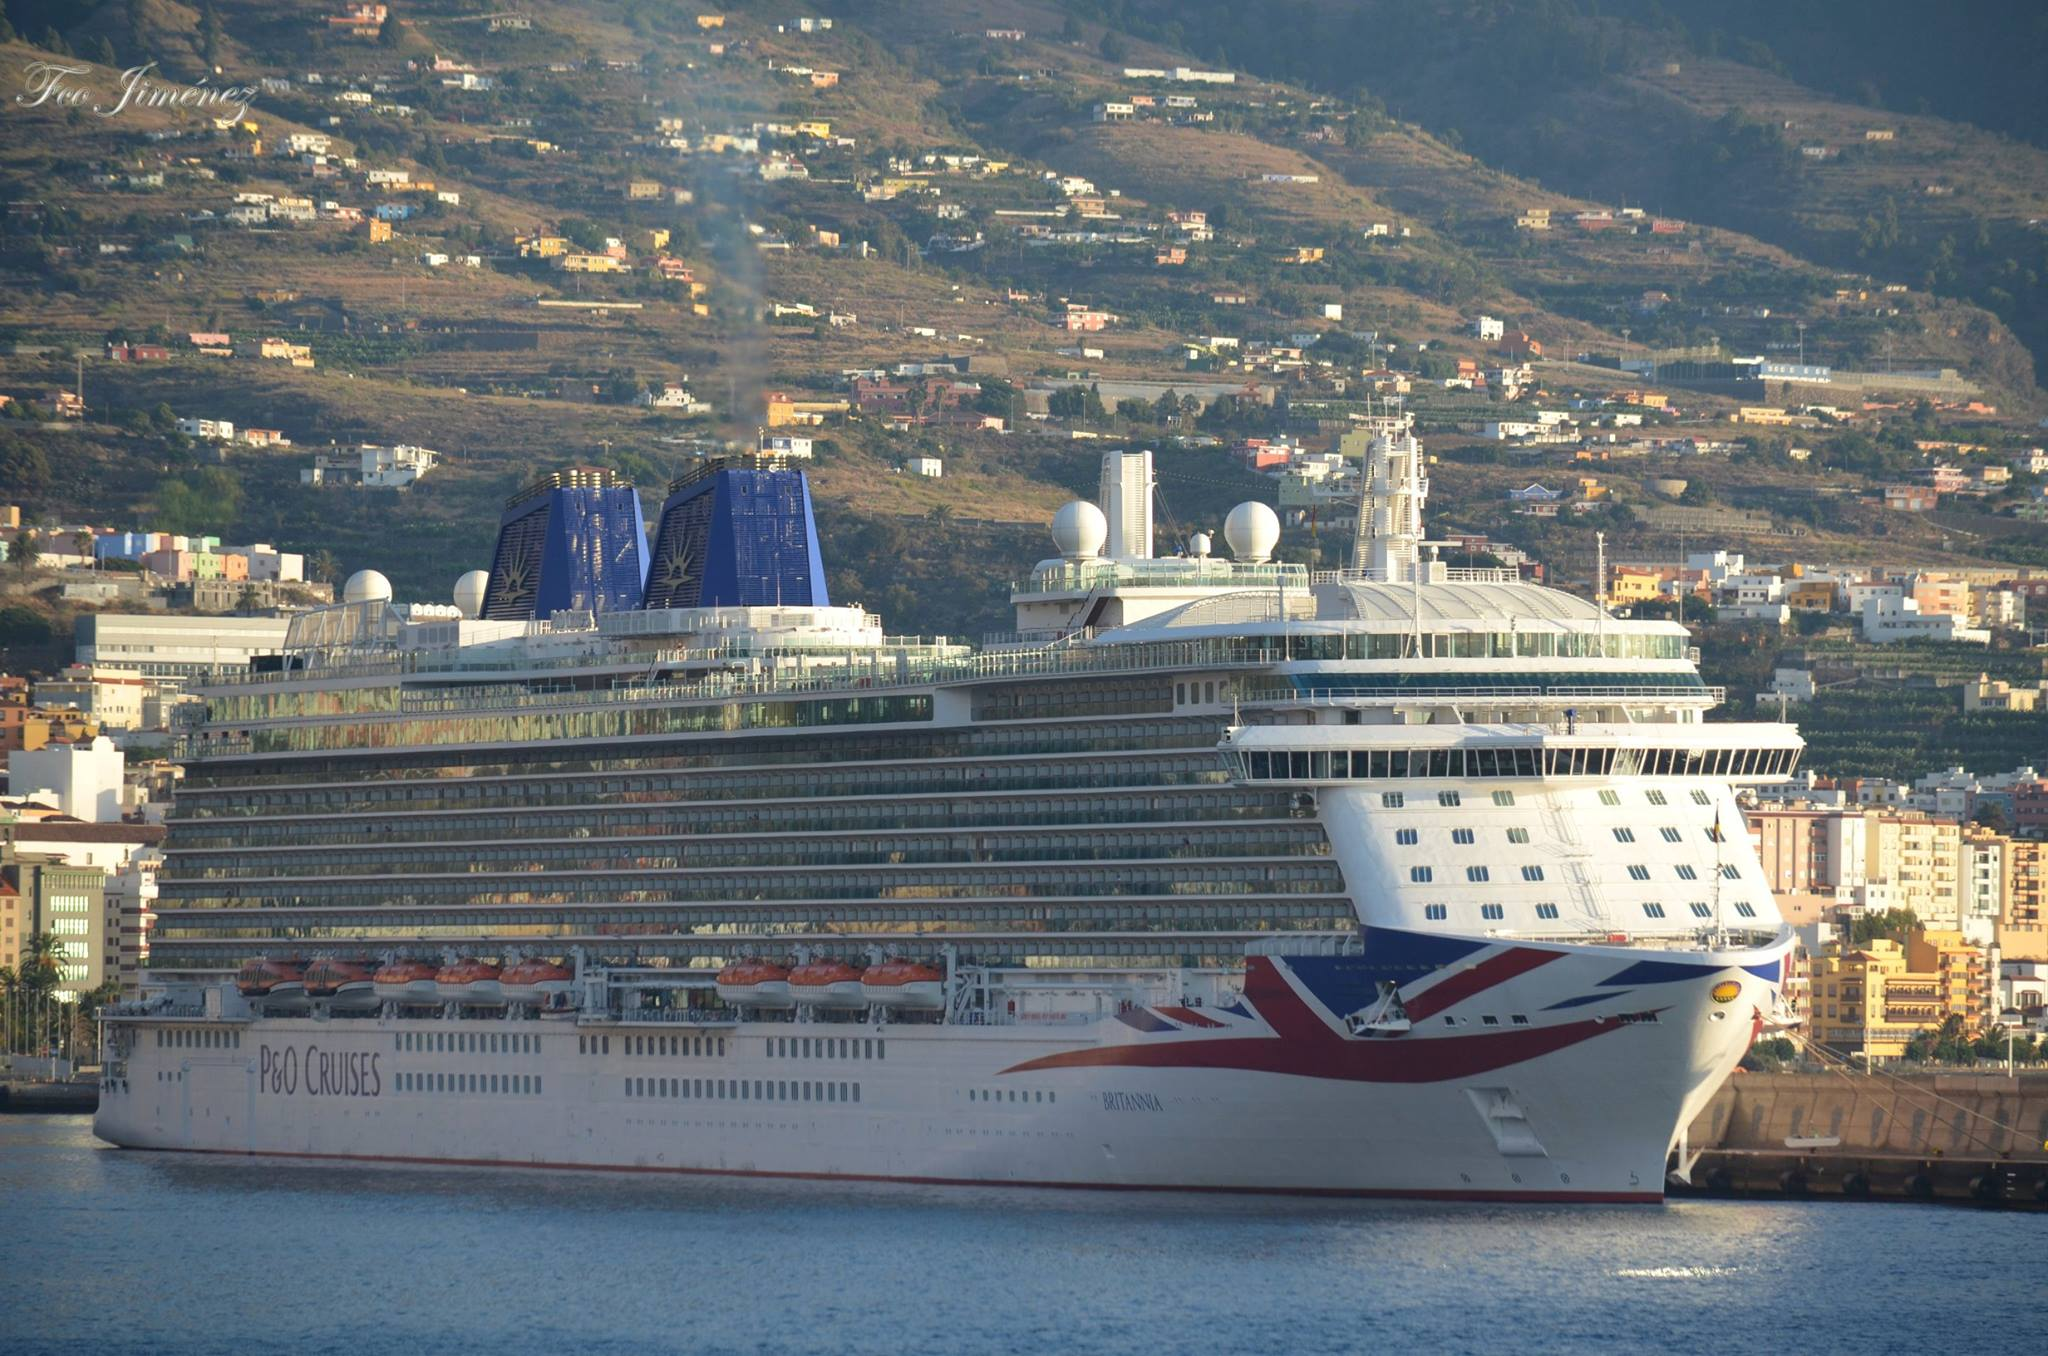 Es el buque insignia de P&O Cruises, centenaria naviera británica